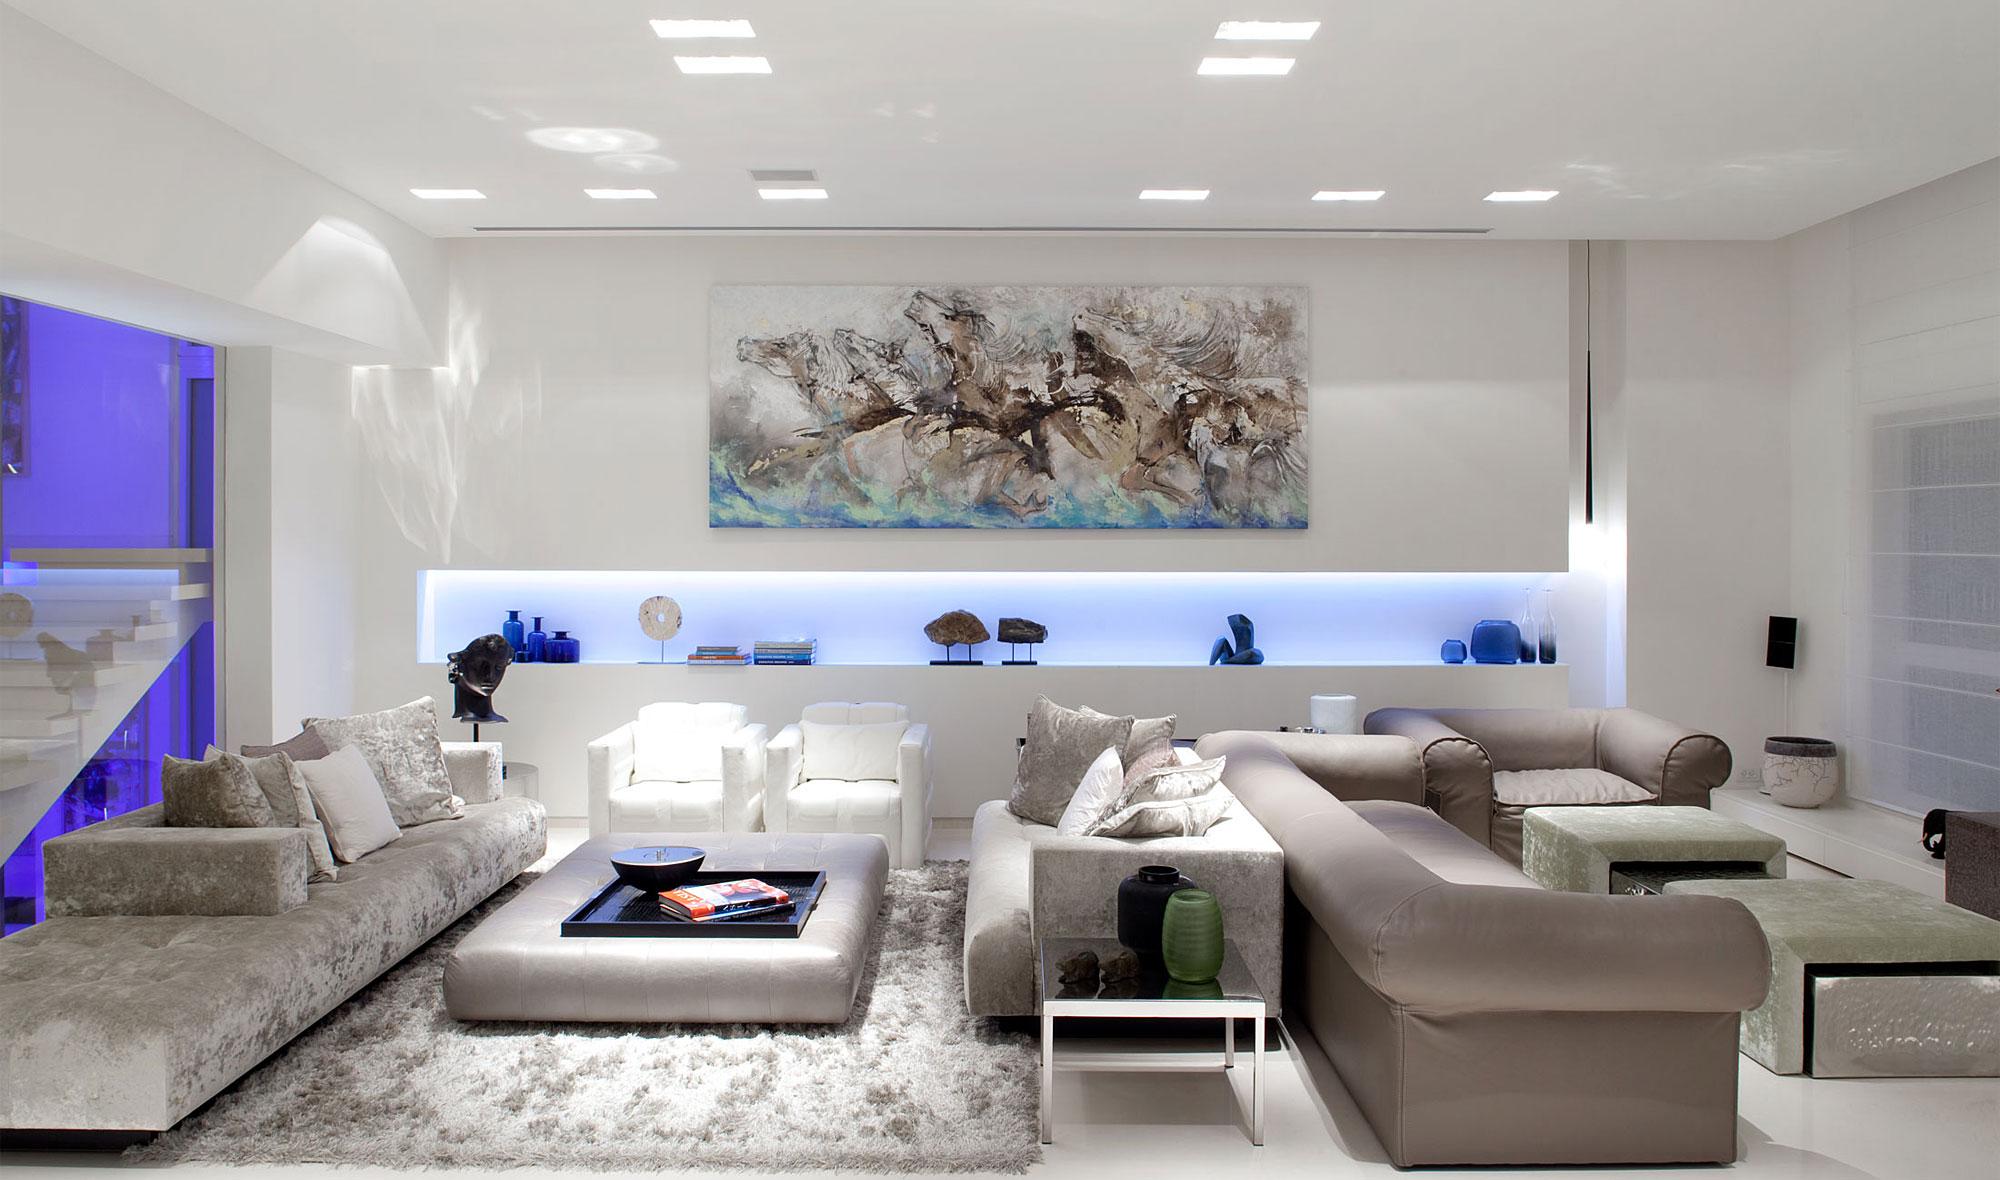 La importancia de la iluminación en el diseño de interiores.